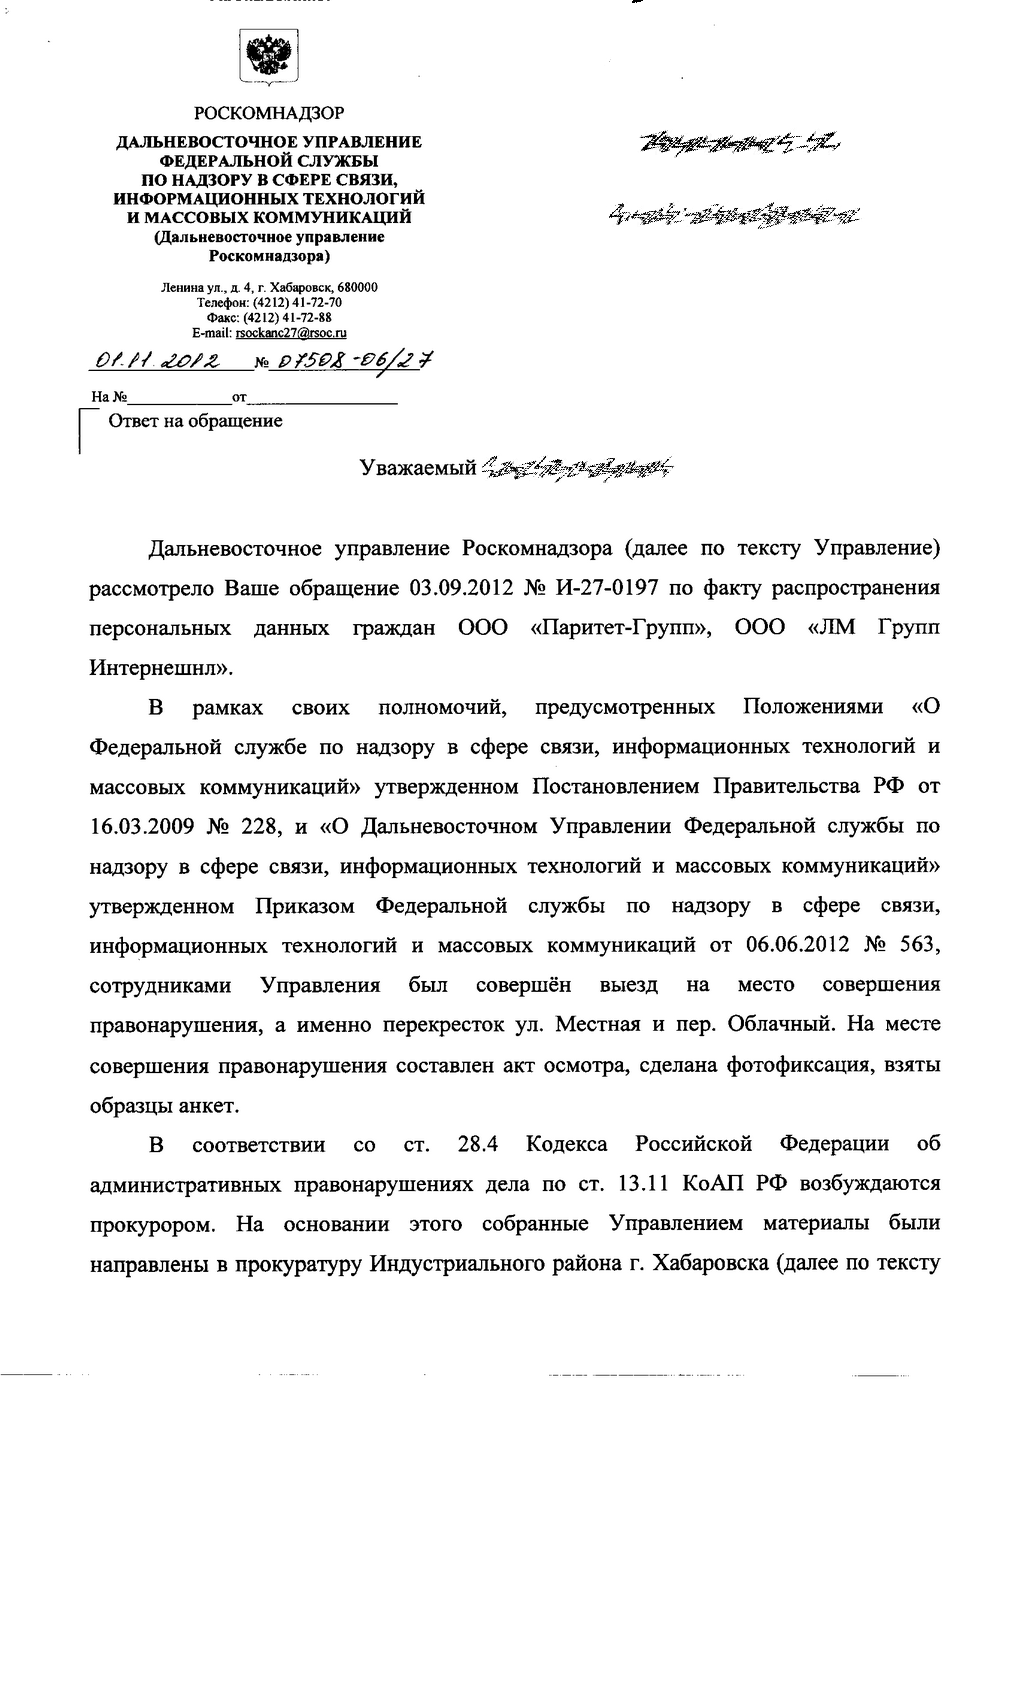 ответ от роскомнадзора.tif  1700-2800